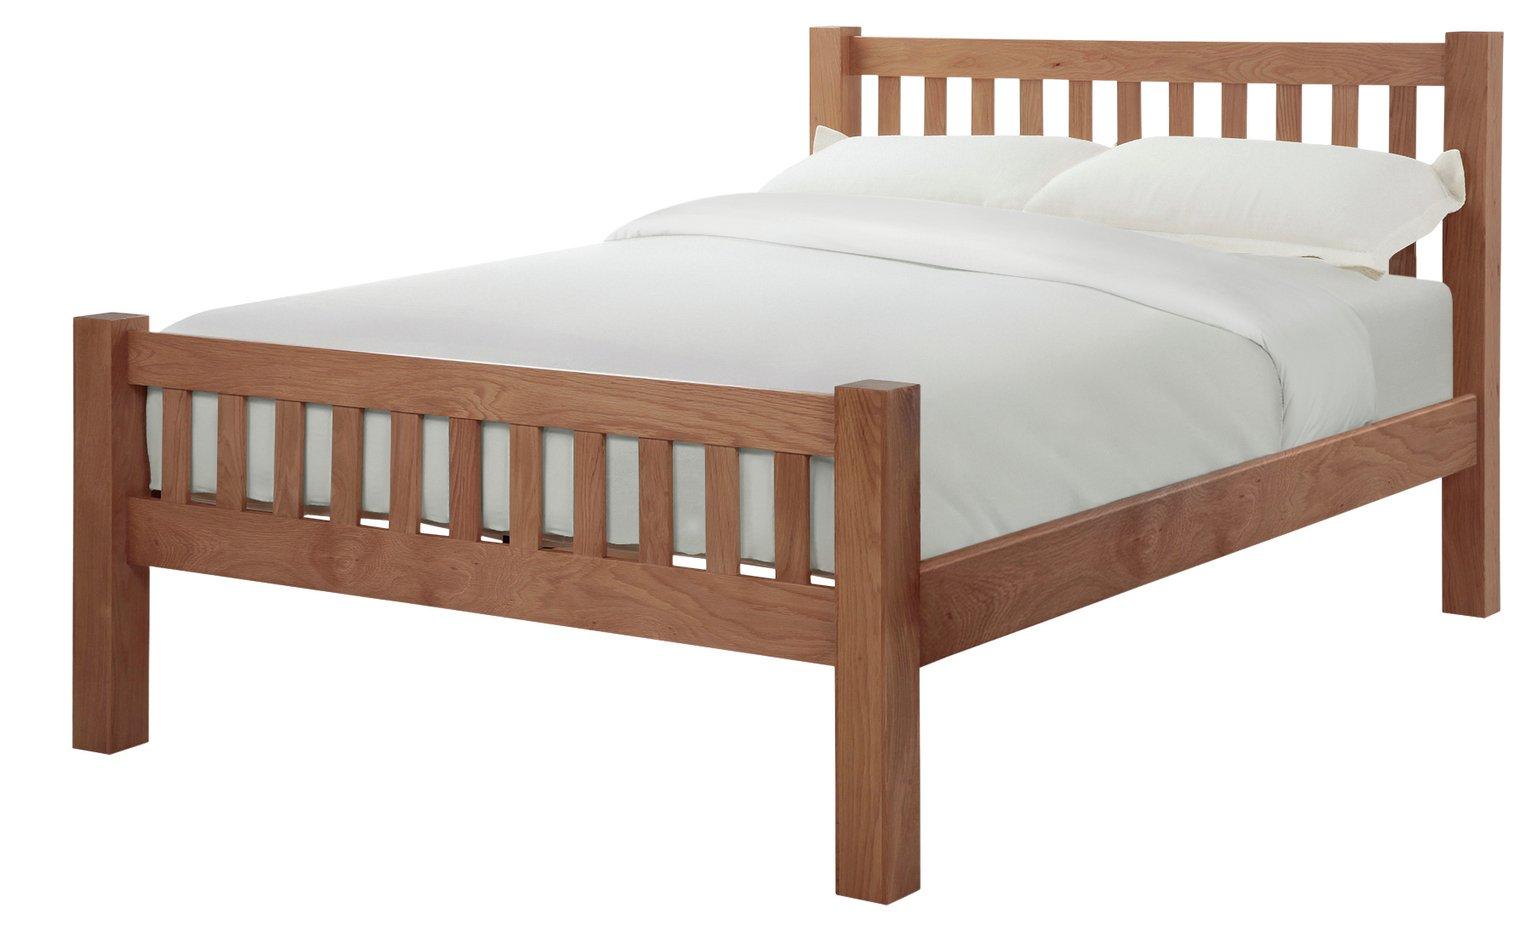 Silentnight Ayton Double Bed Frame - Solid Oak